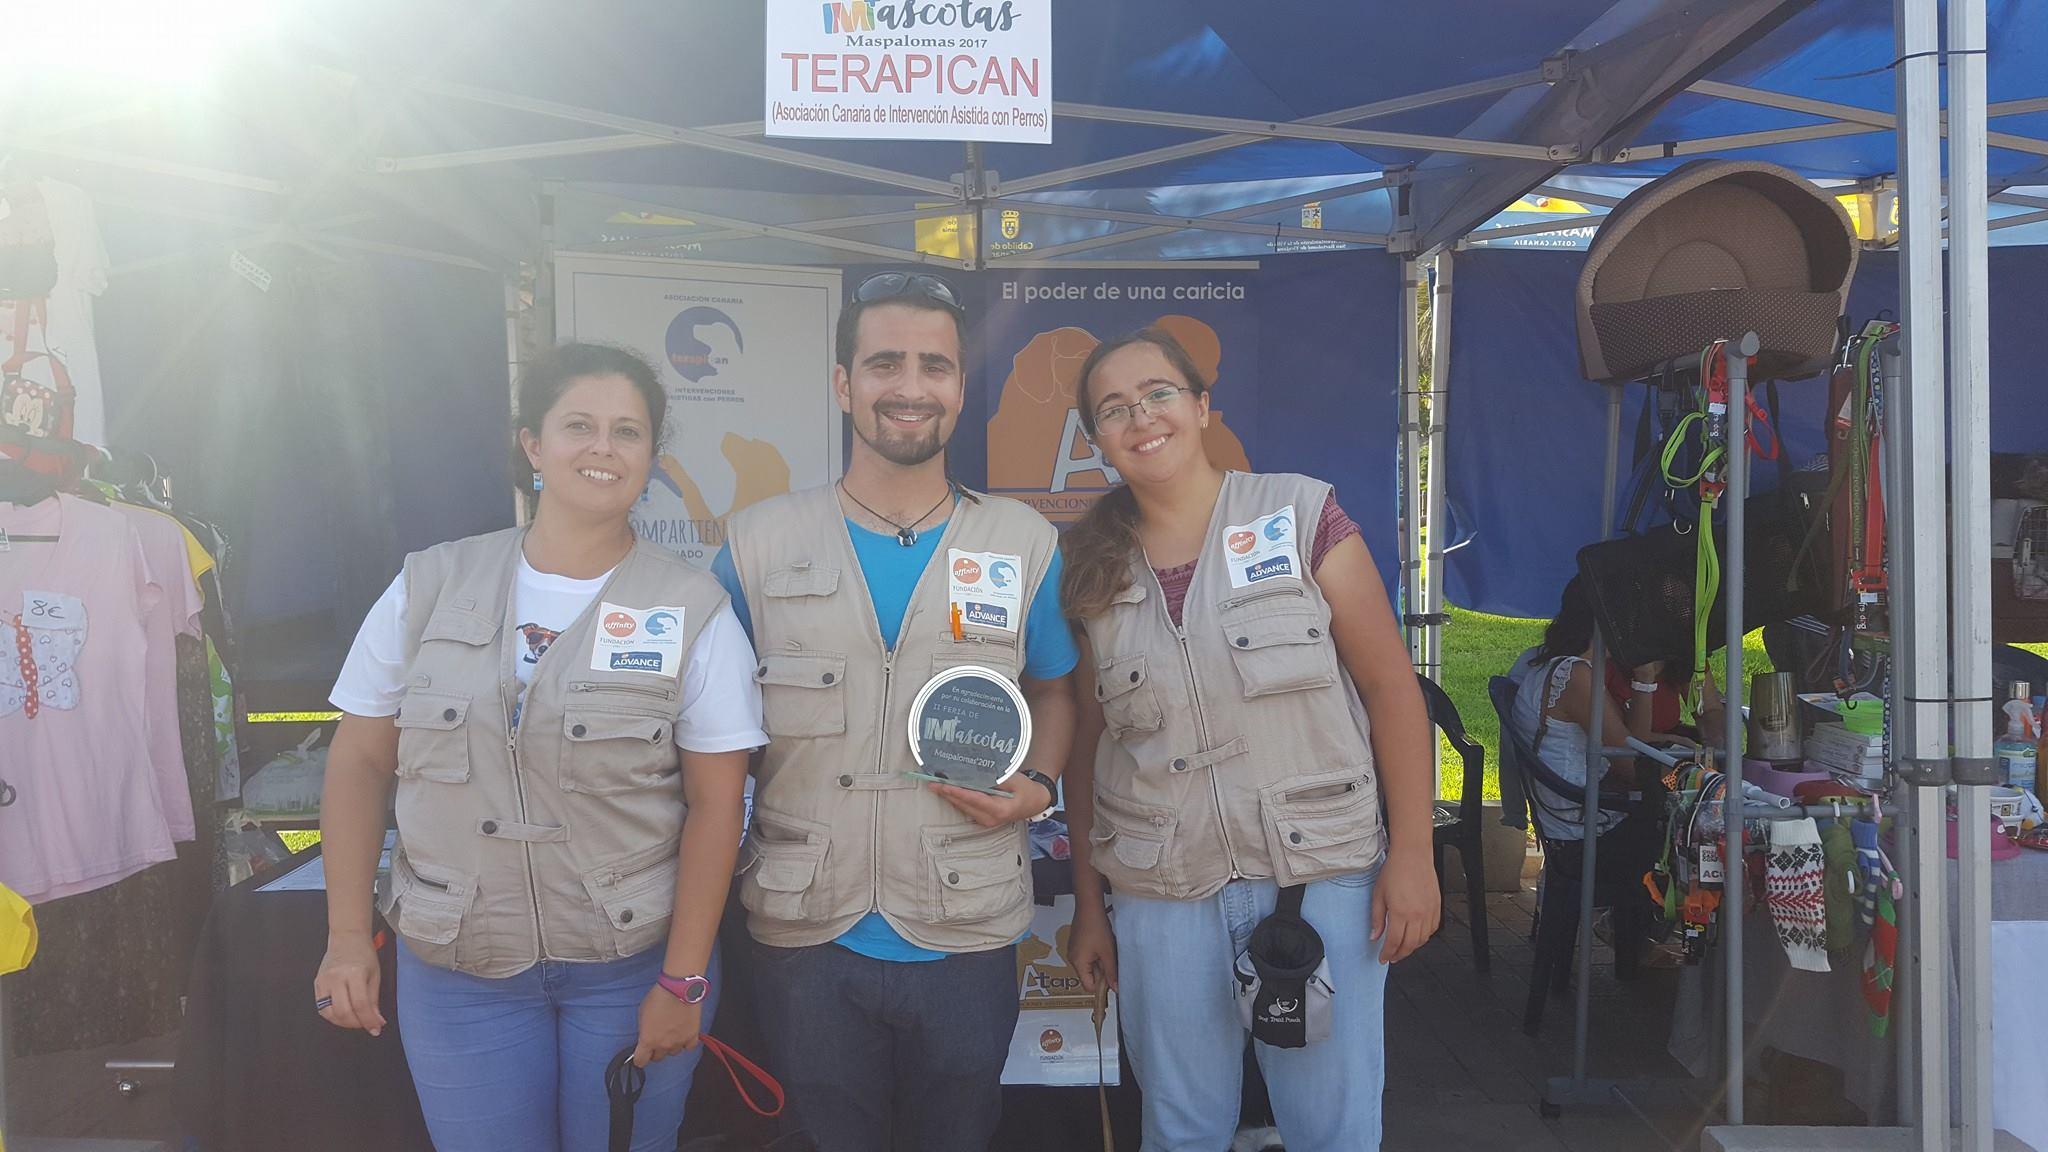 Atapgc, Intervenciones asistidas con perros. Gran Canaria y Tenerife Image